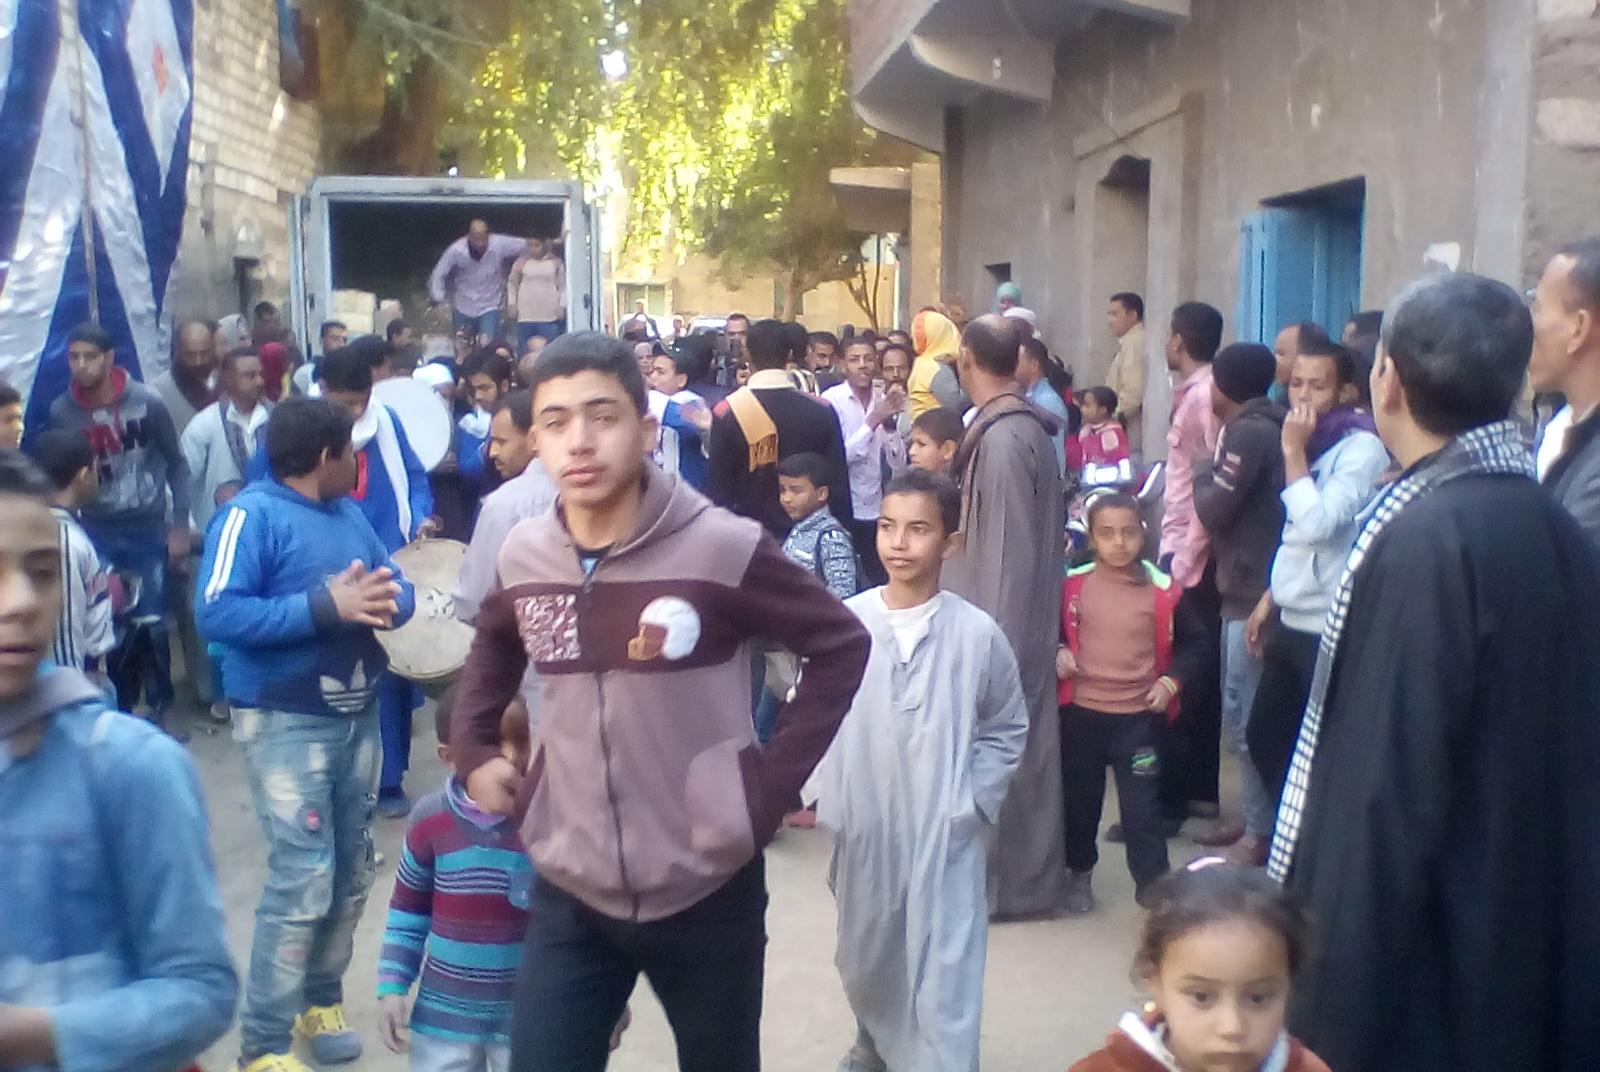 قرية الاسماعيلية بالمنيا  تستقبل صاحبة مبادرة أولادها سندها بالطبل البلدي والرقص الفلاحي (2)